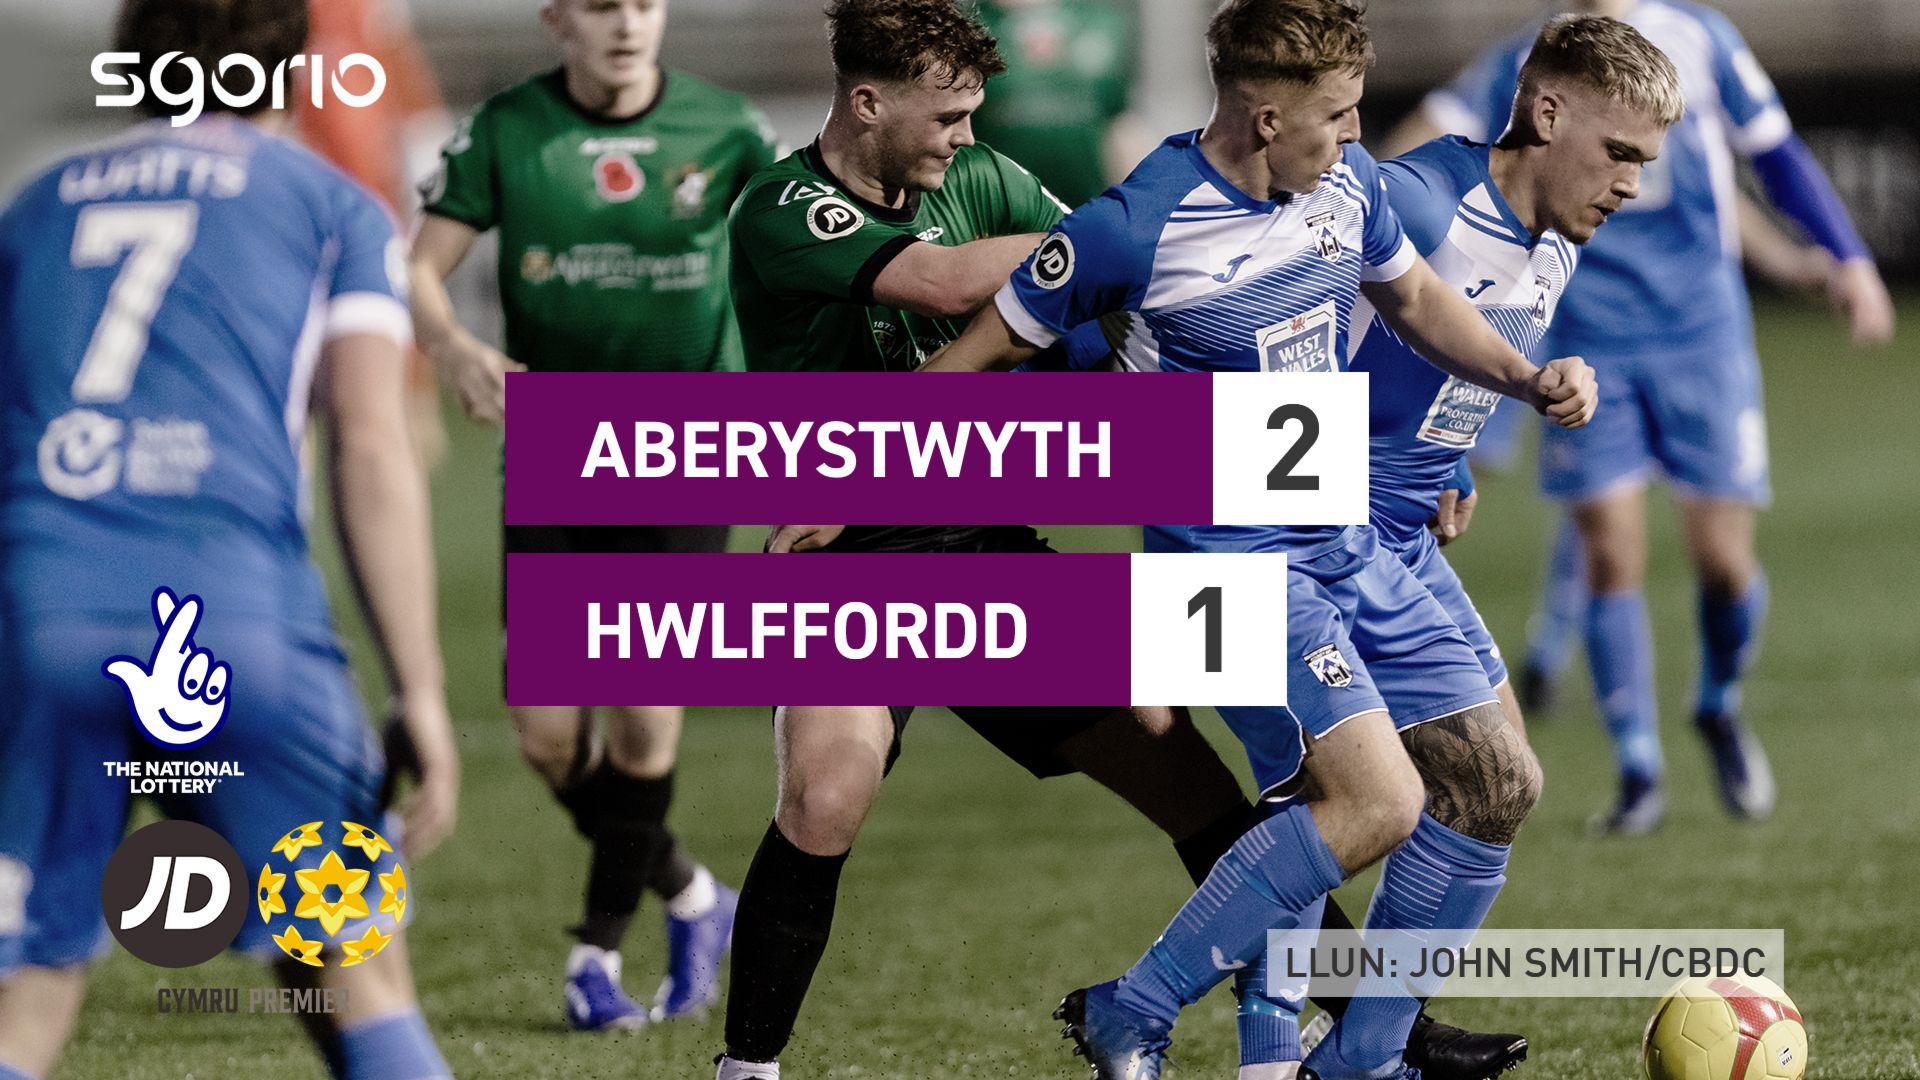 Aberystwyth 2-1 Hwlffordd